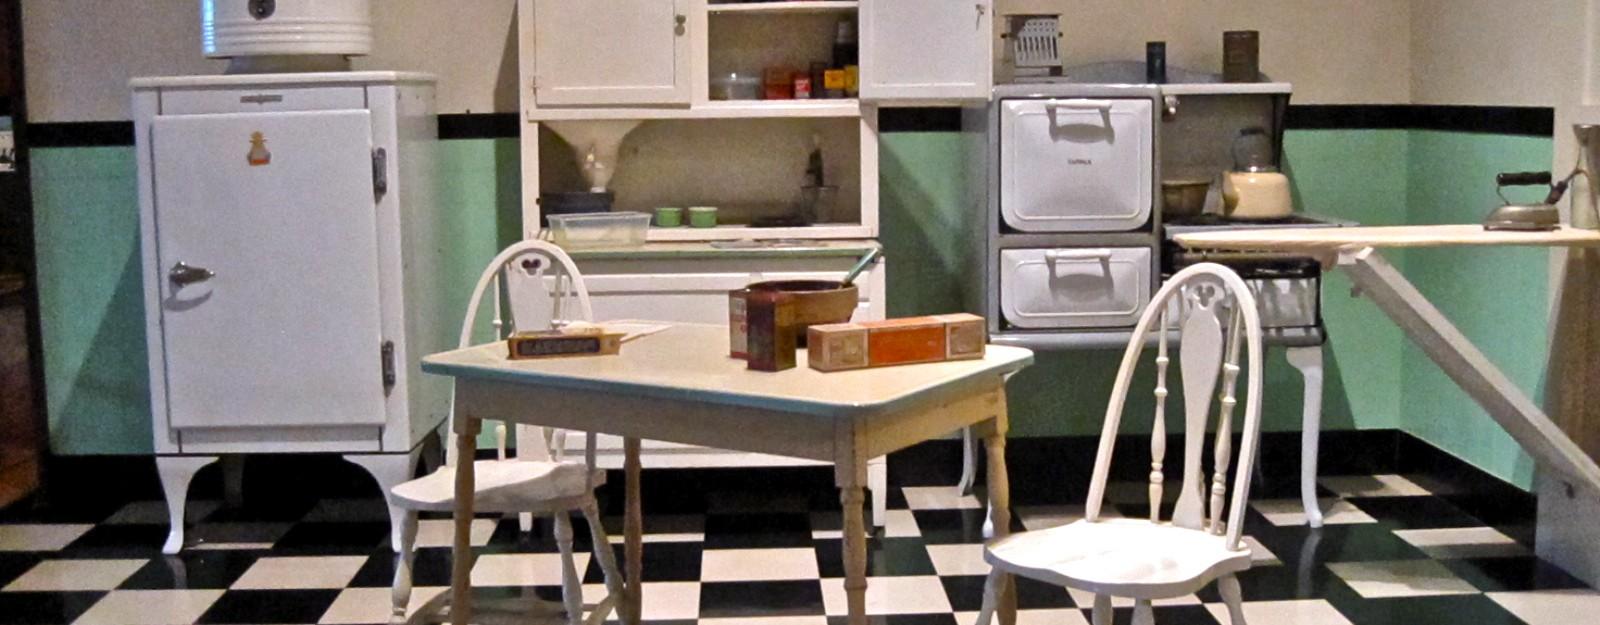 Wie plane ich die neue Küche, und was muss ich beachten? - Konisto.de